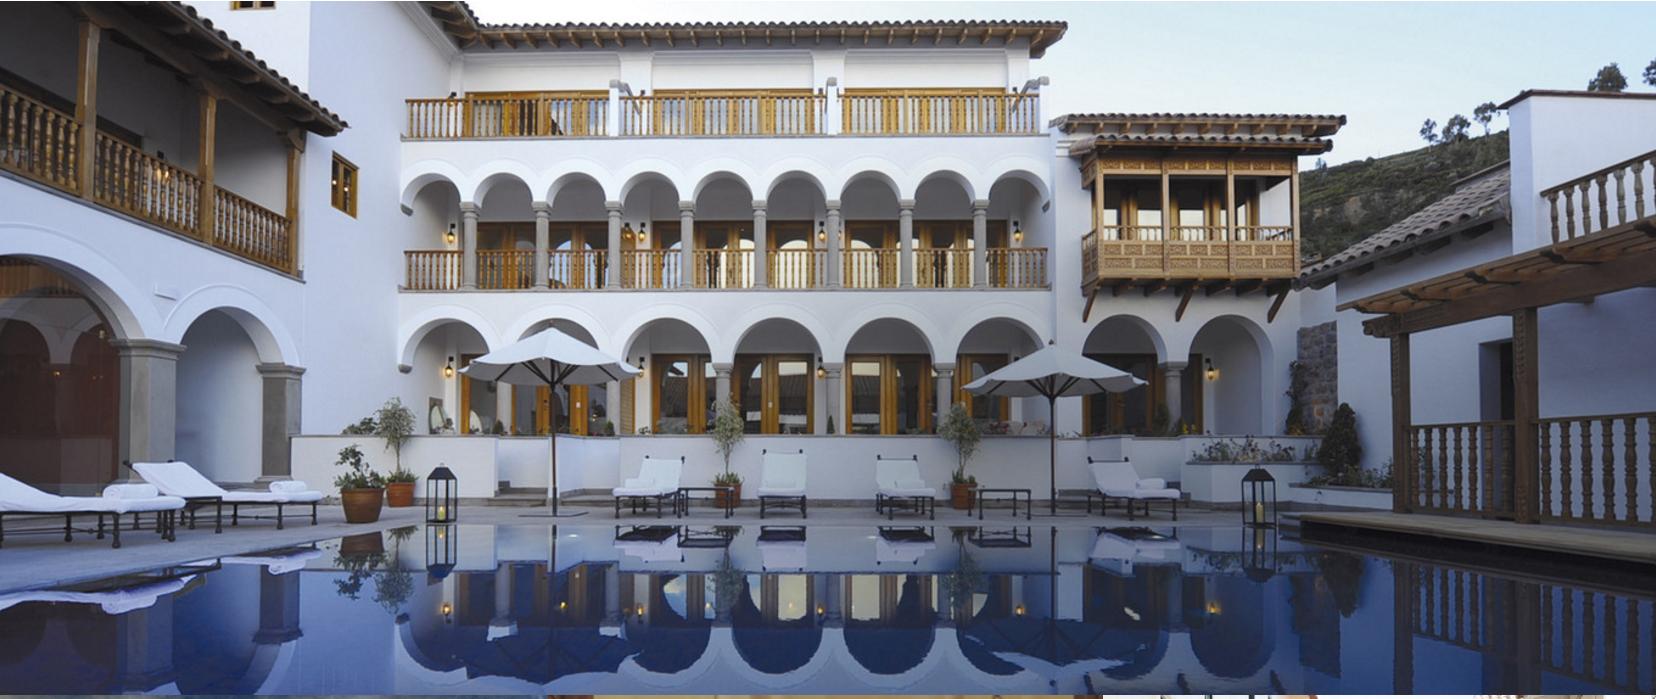 Belmond Palacio Nazarenas fue reconocido como el mejor hotel 5 estrellas de Cusco